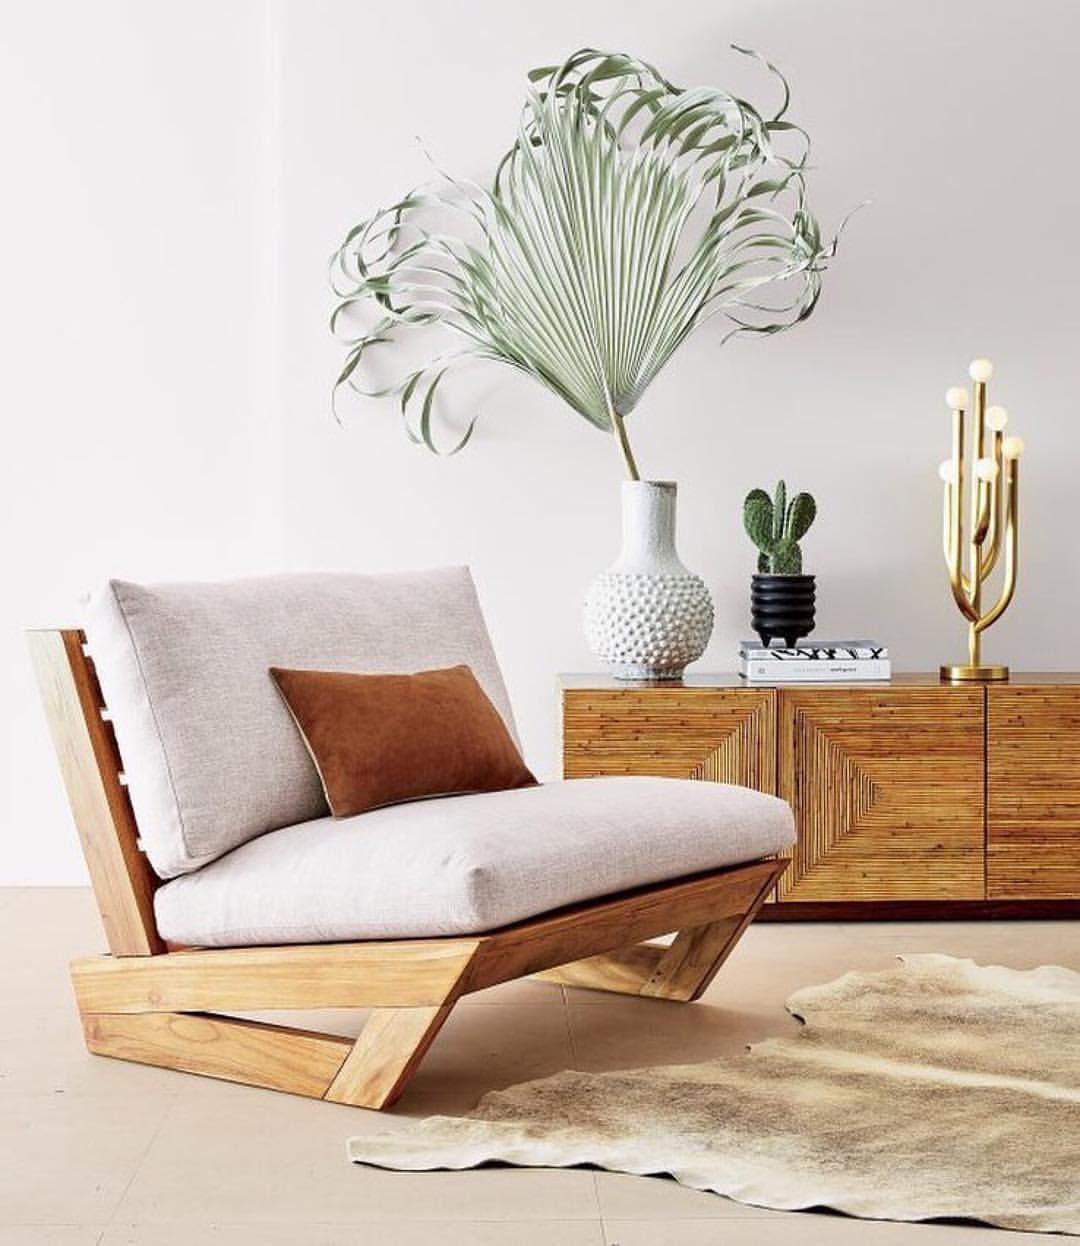 Inspiration Of The Day Via Cb2 Jahddesign Idees De Meubles Meuble Deco Maison